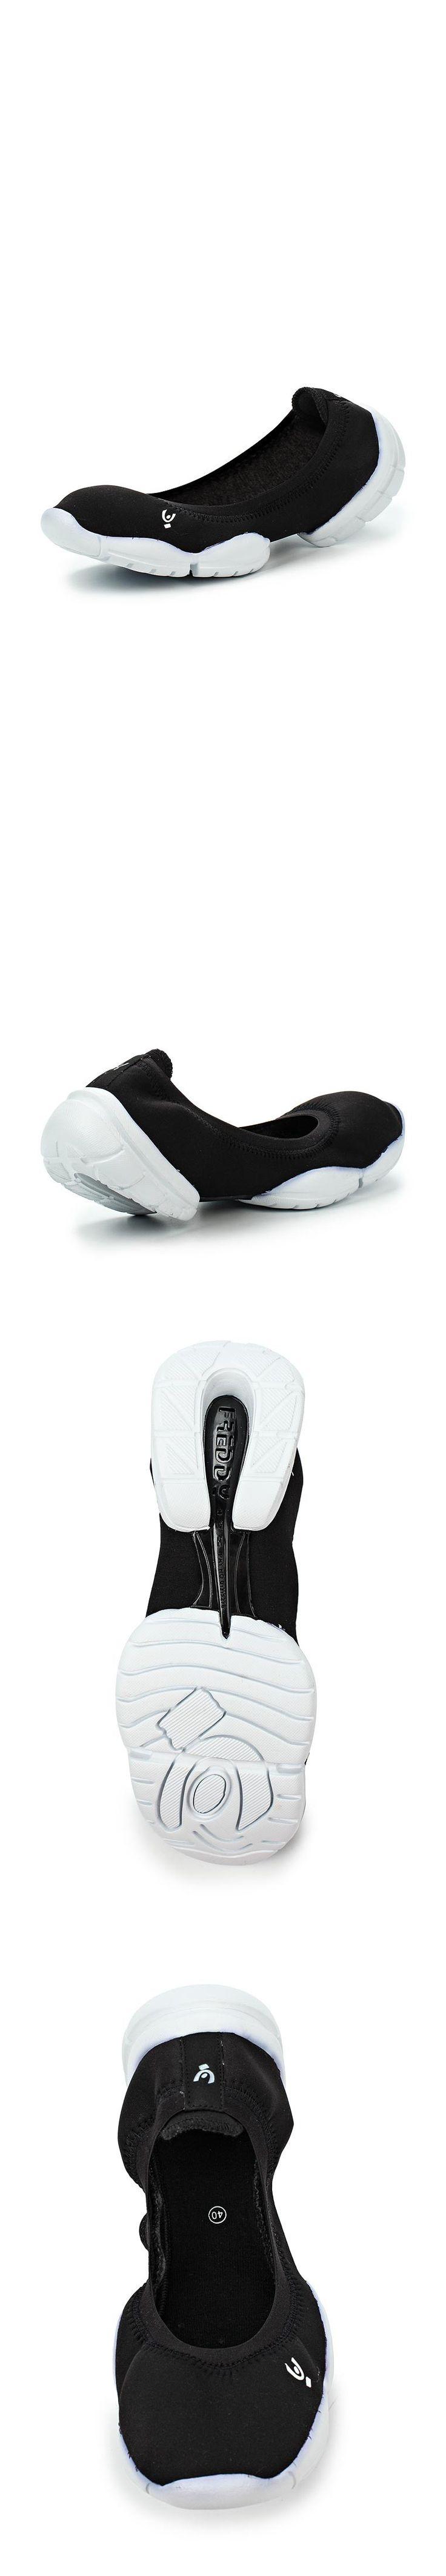 Женская обувь балетки Freddy за 2550.00 руб.